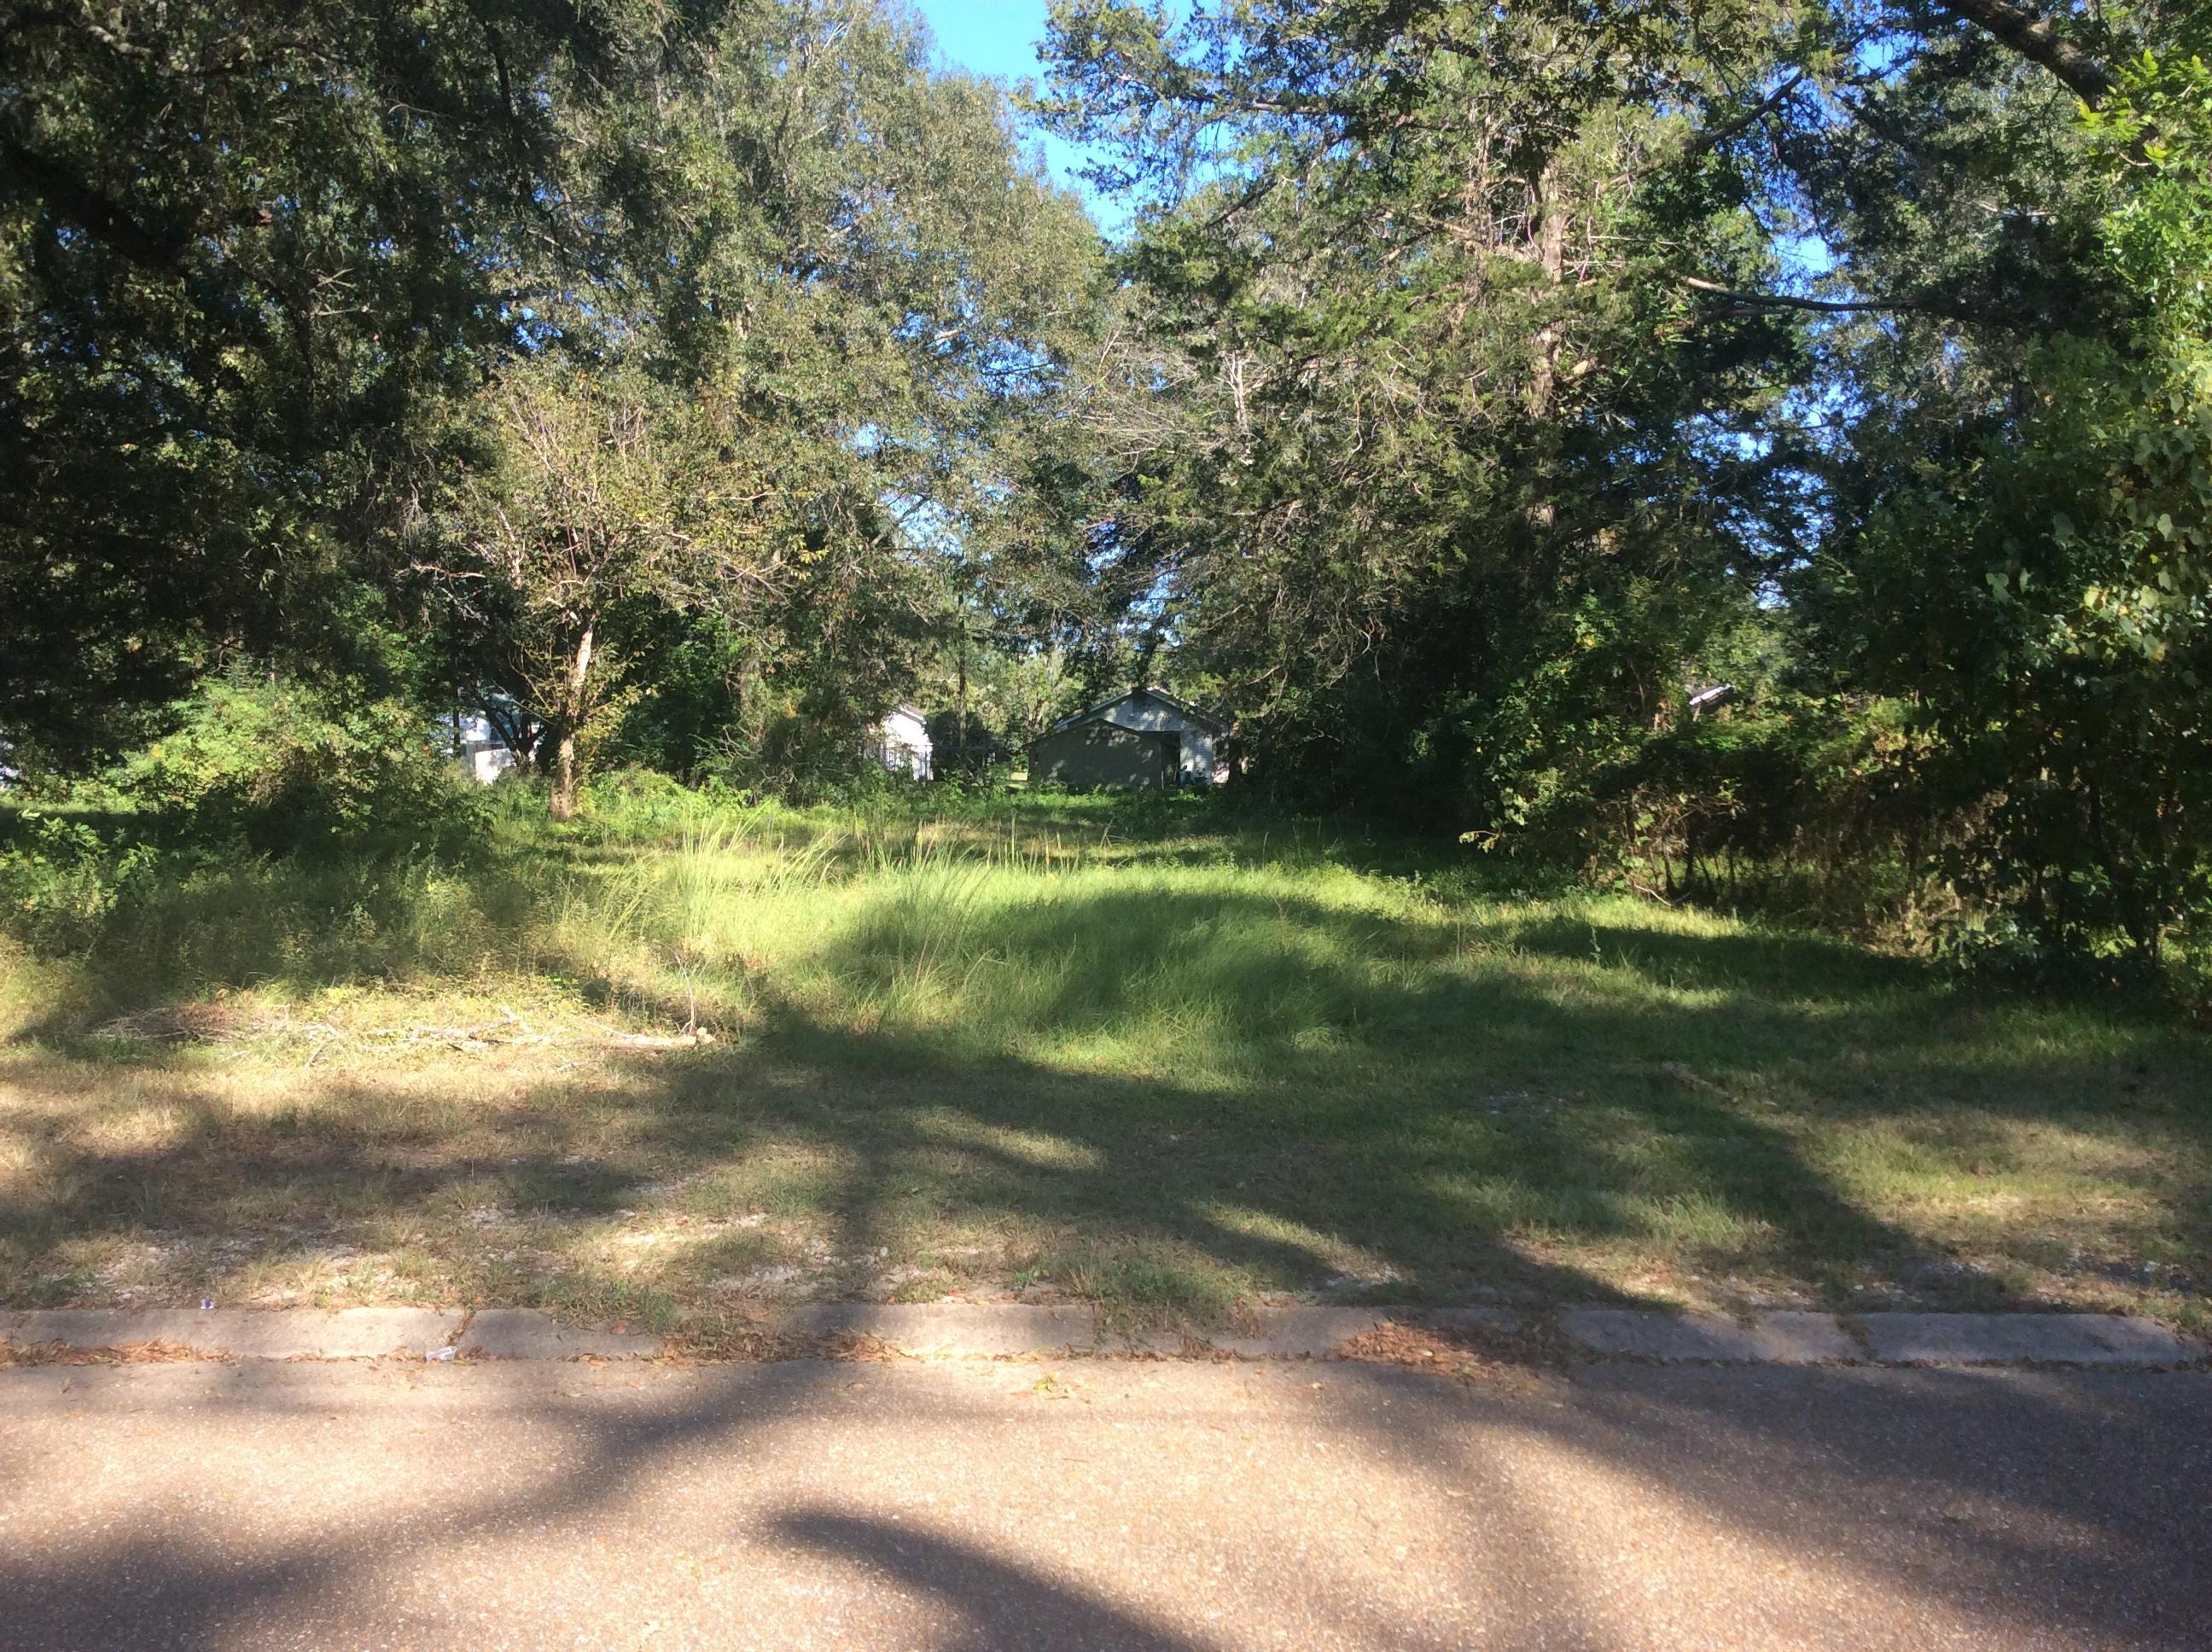 DeRidder land for sale,  203 WILSON, DeRidder LA - $22,500